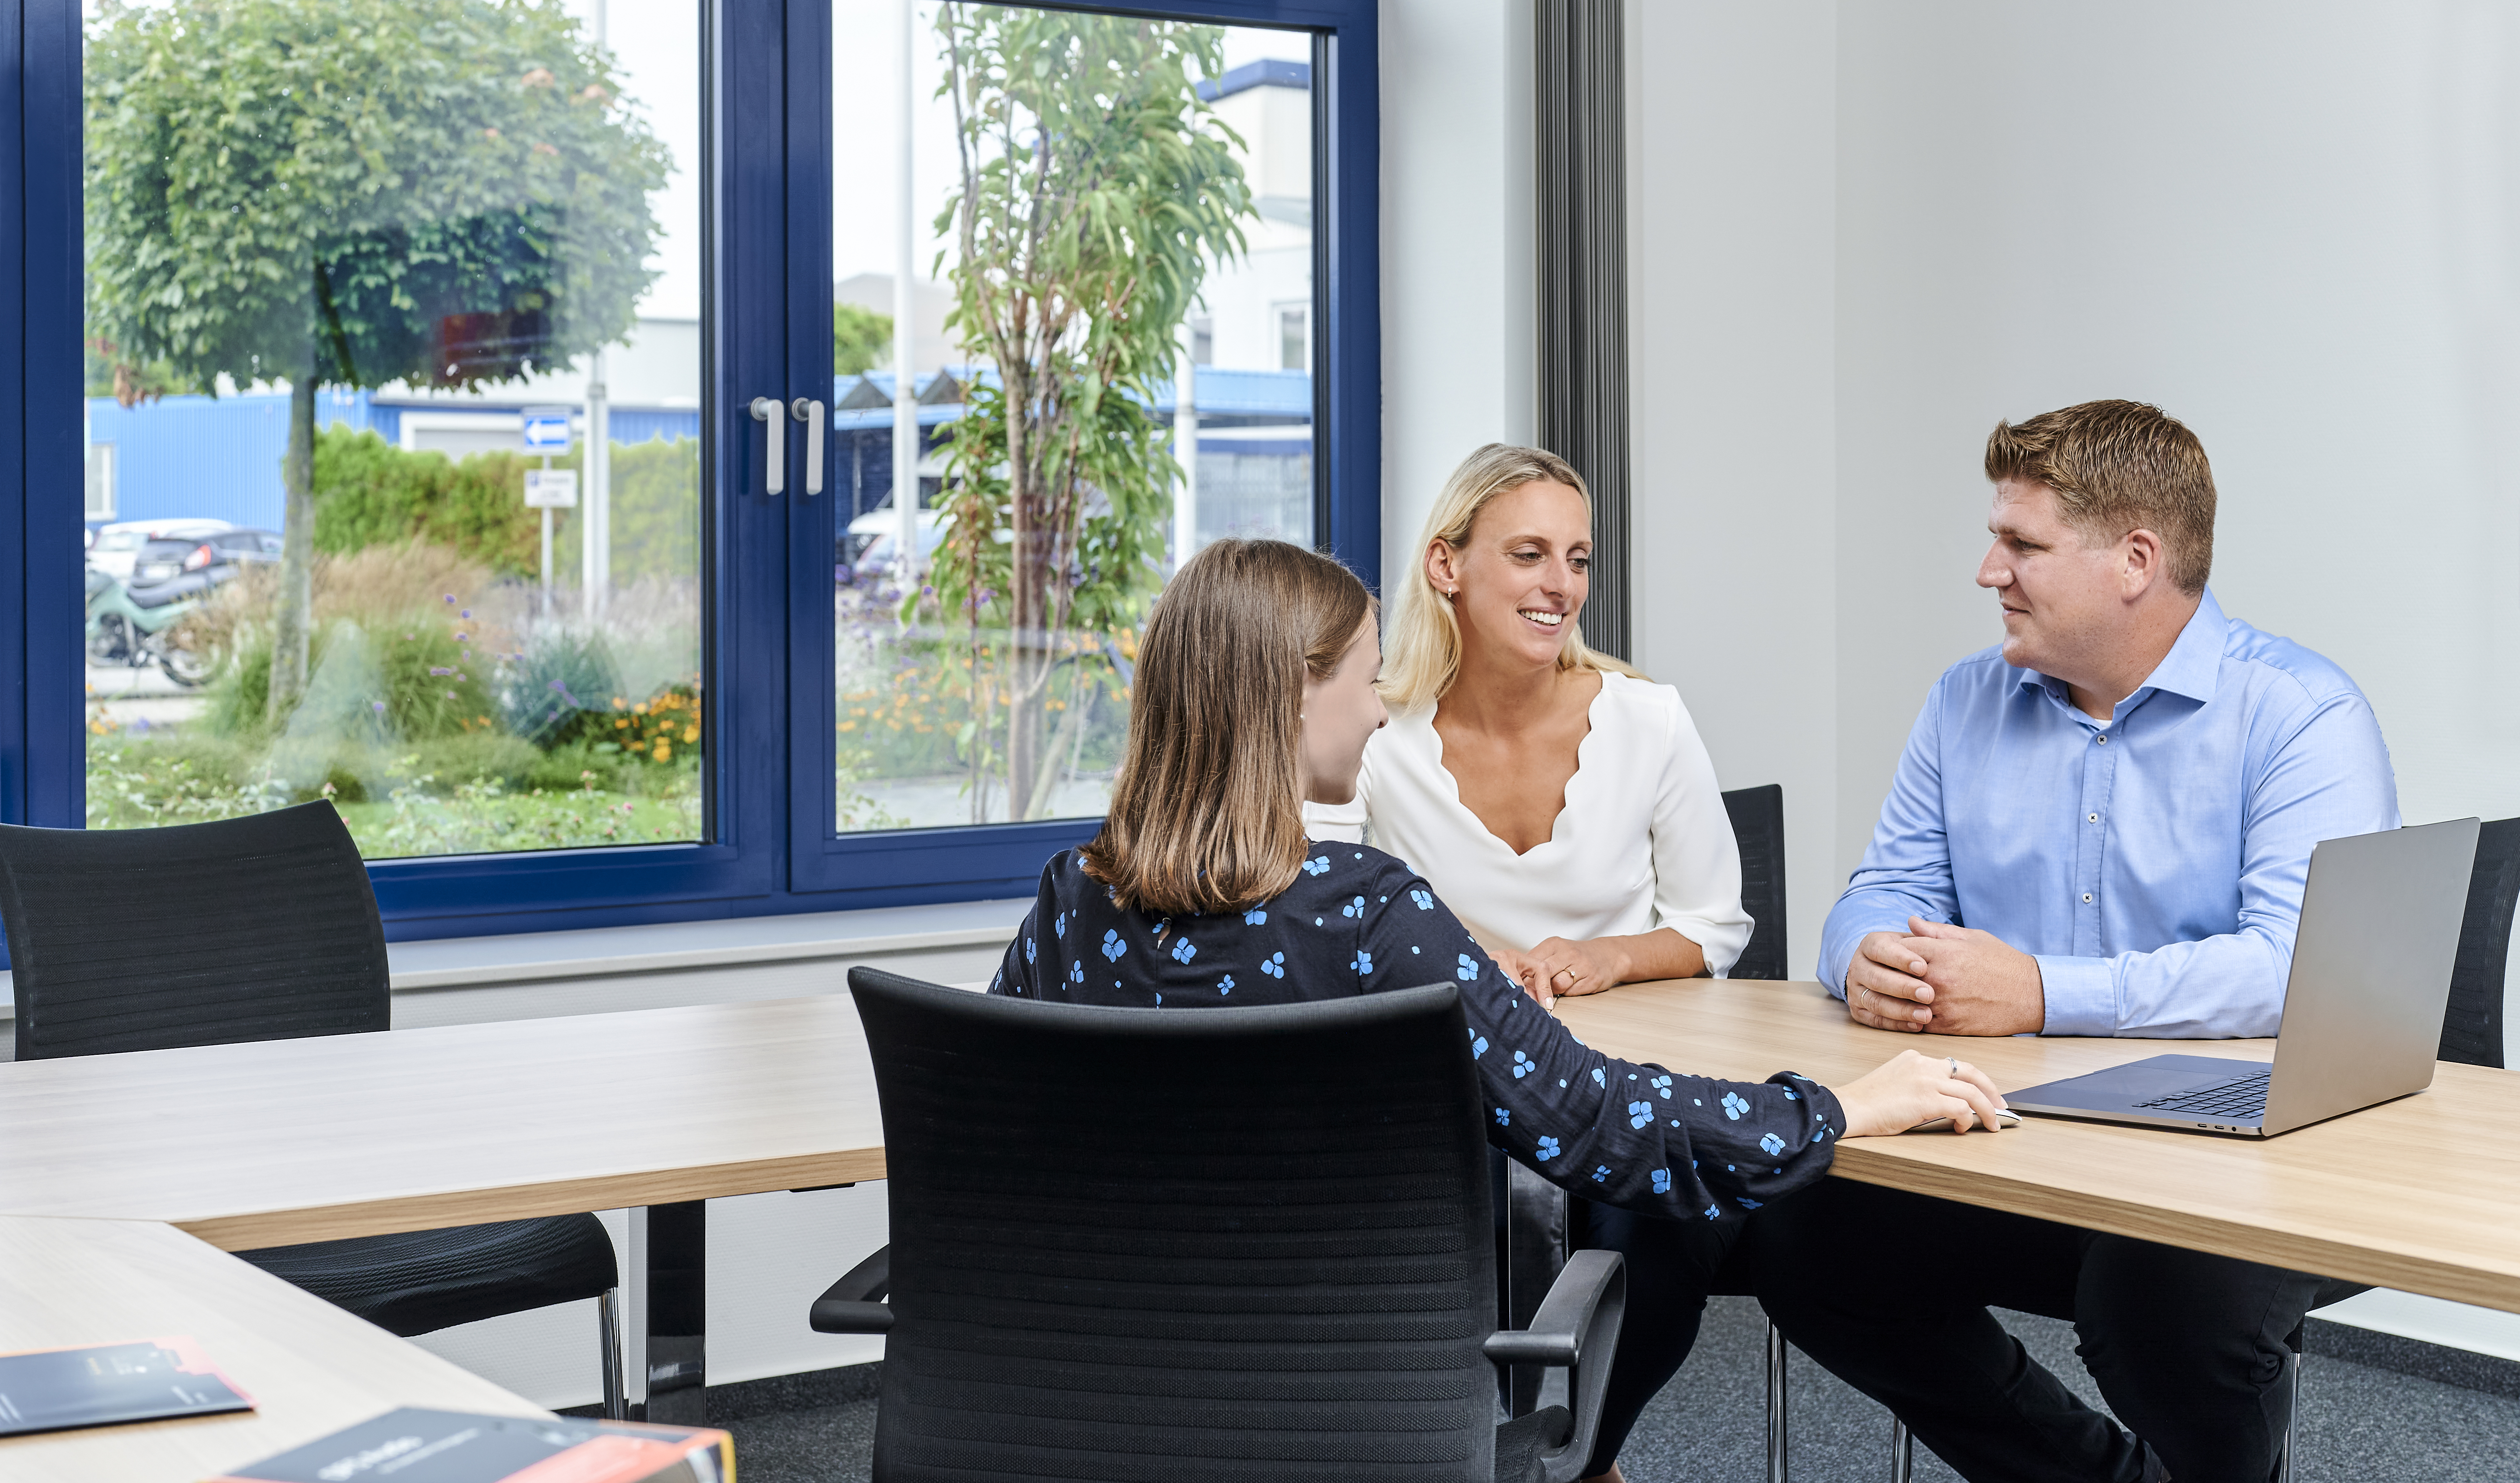 Arbeitgeberportal_Maite_Jelken_04.jpg – Doepke Schaltgeräte GmbH